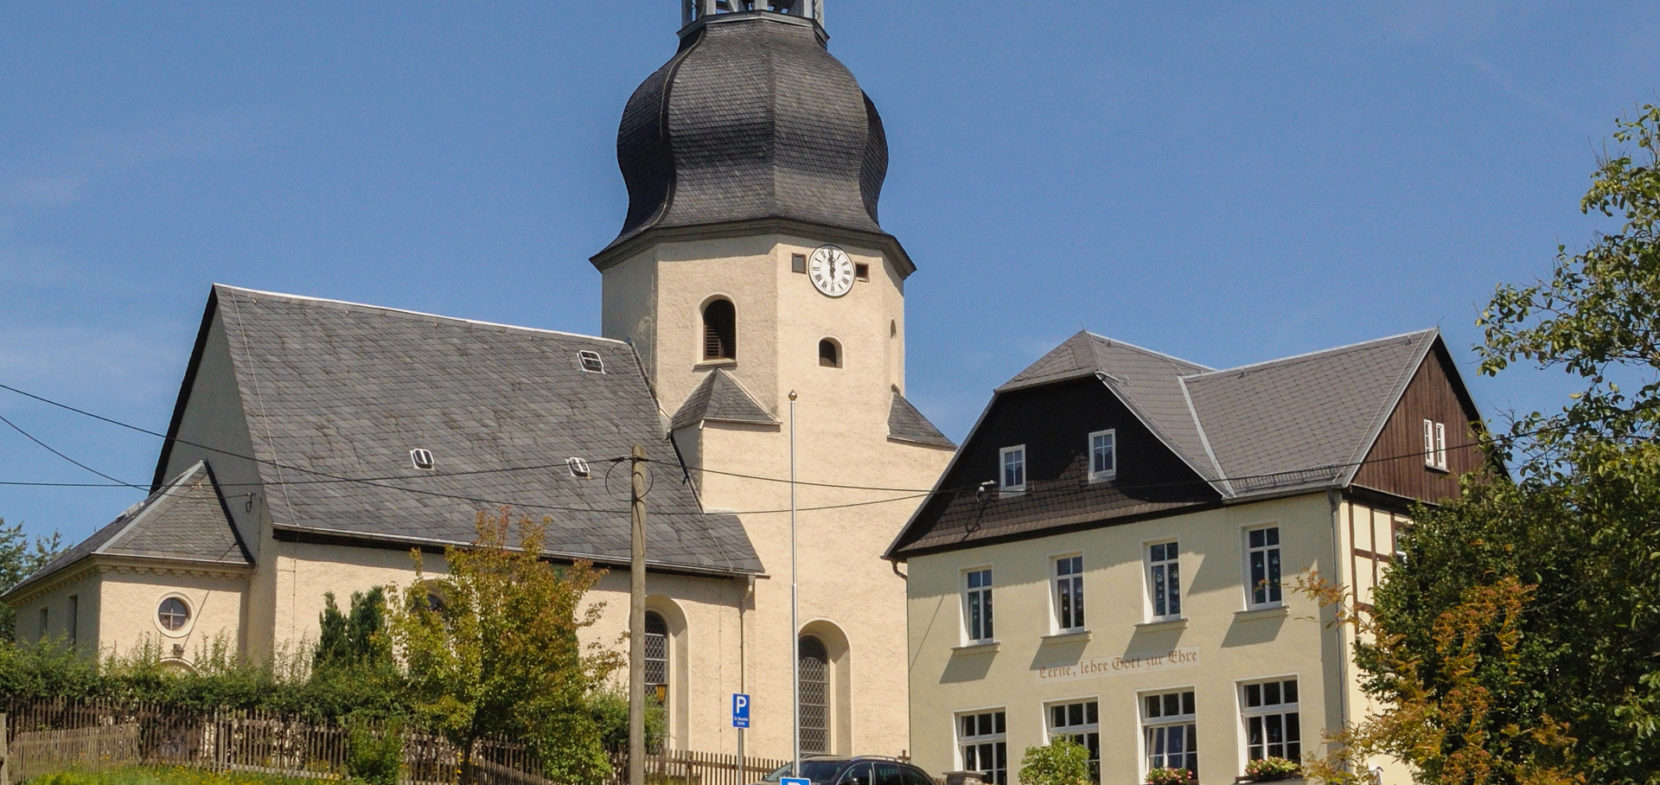 St. Oswald Niederalbertsdorf